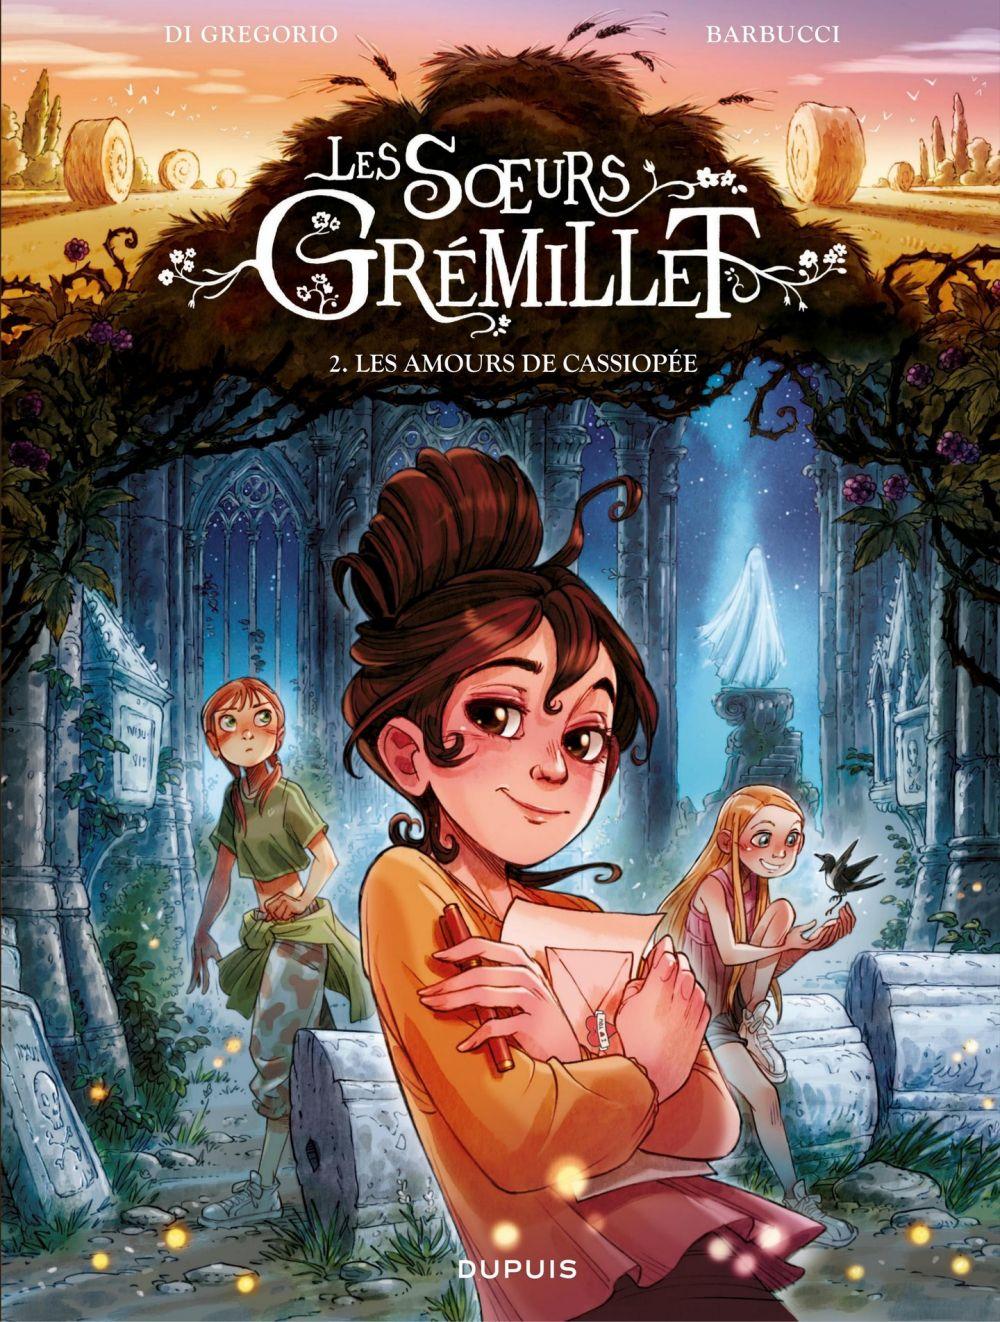 Les sœurs Grémillet - Tome 2 - Les amours de Cassiopée |